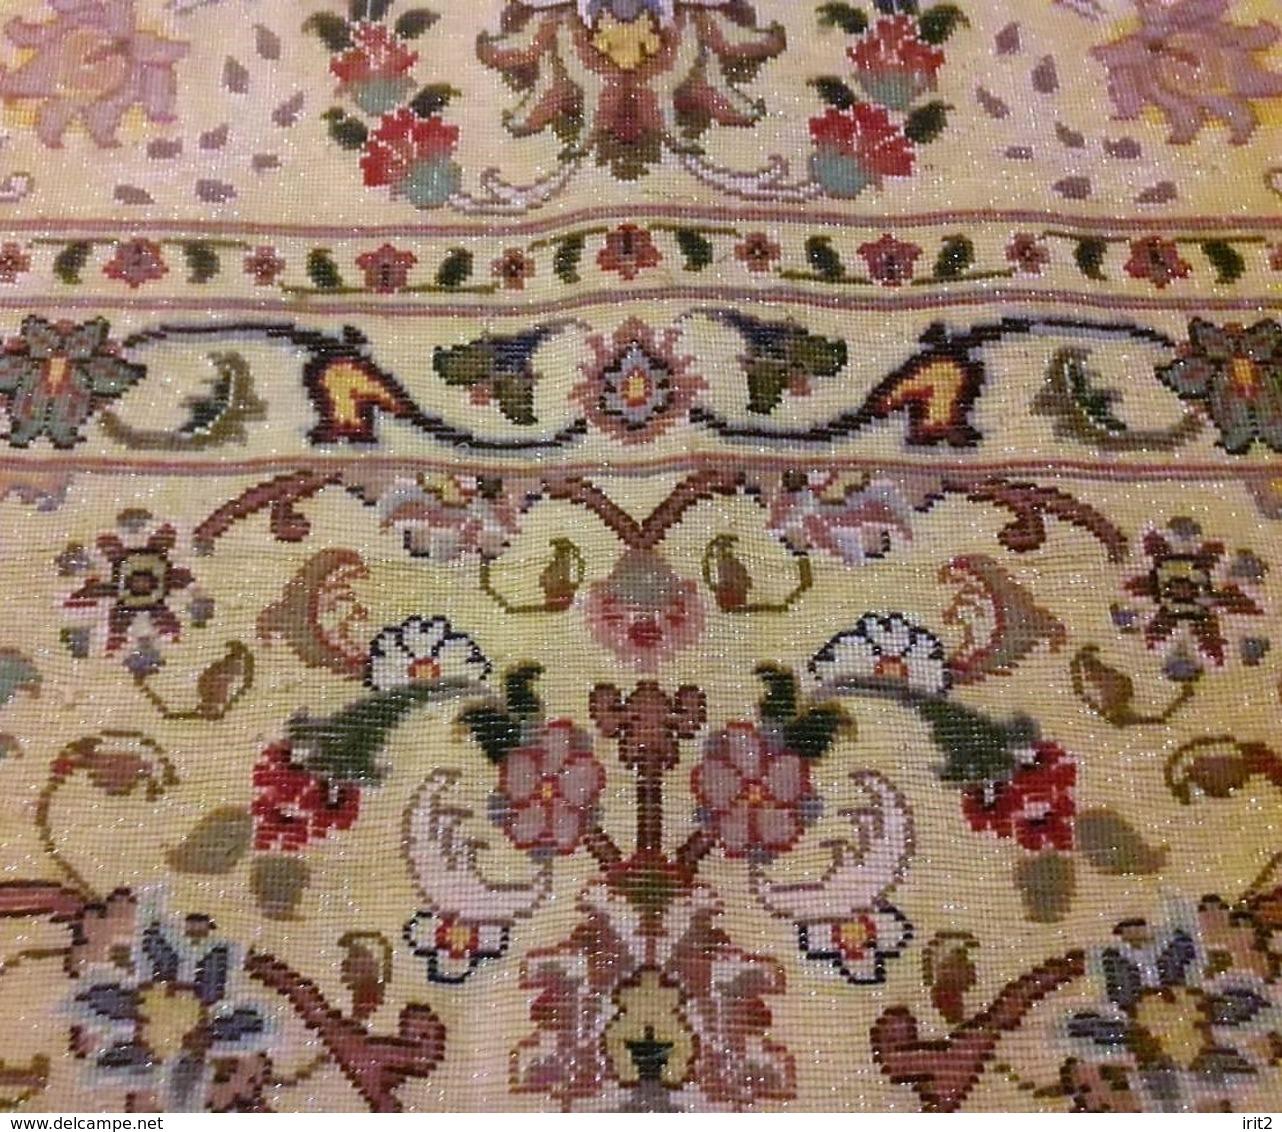 Persia - Iran - Tappeto Persiano Tabriz (Suf) Filo D'oro - Seta - Lana, Motivo A Rilievo - Extra Fine - Tappeti & Tappezzeria